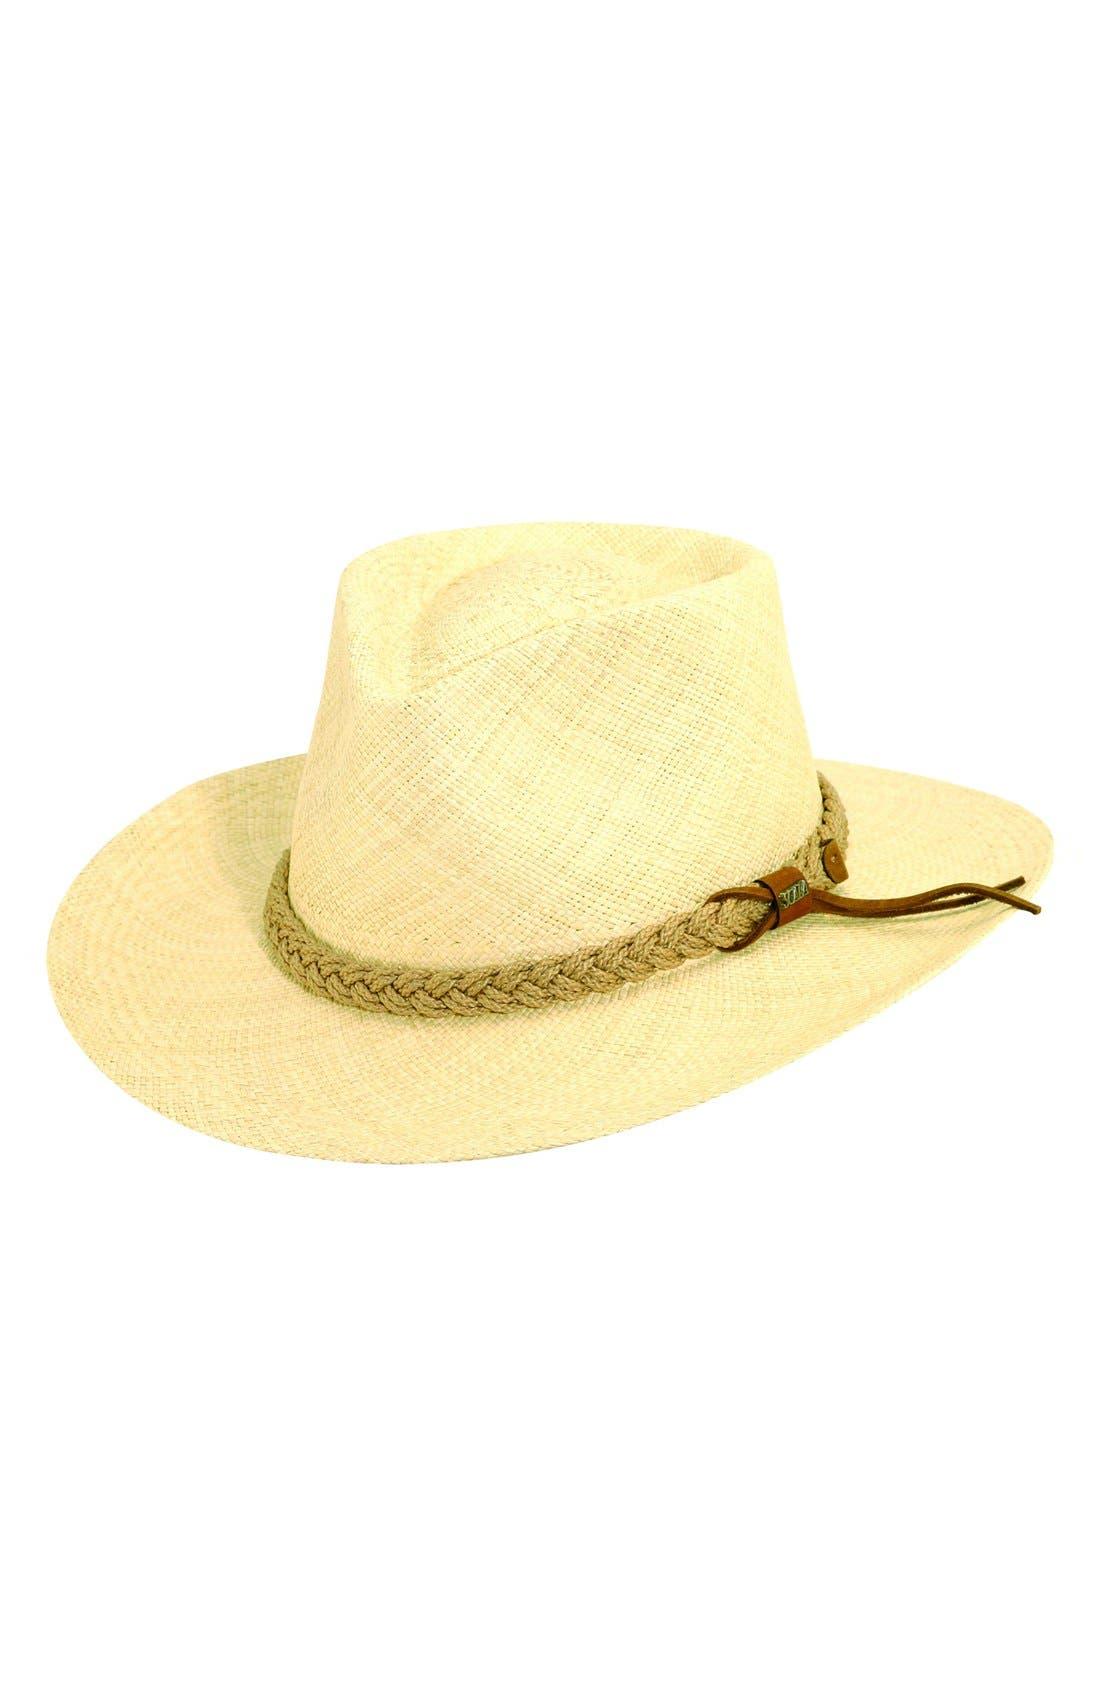 Panama Straw Outback Hat,                             Main thumbnail 1, color,                             Natural